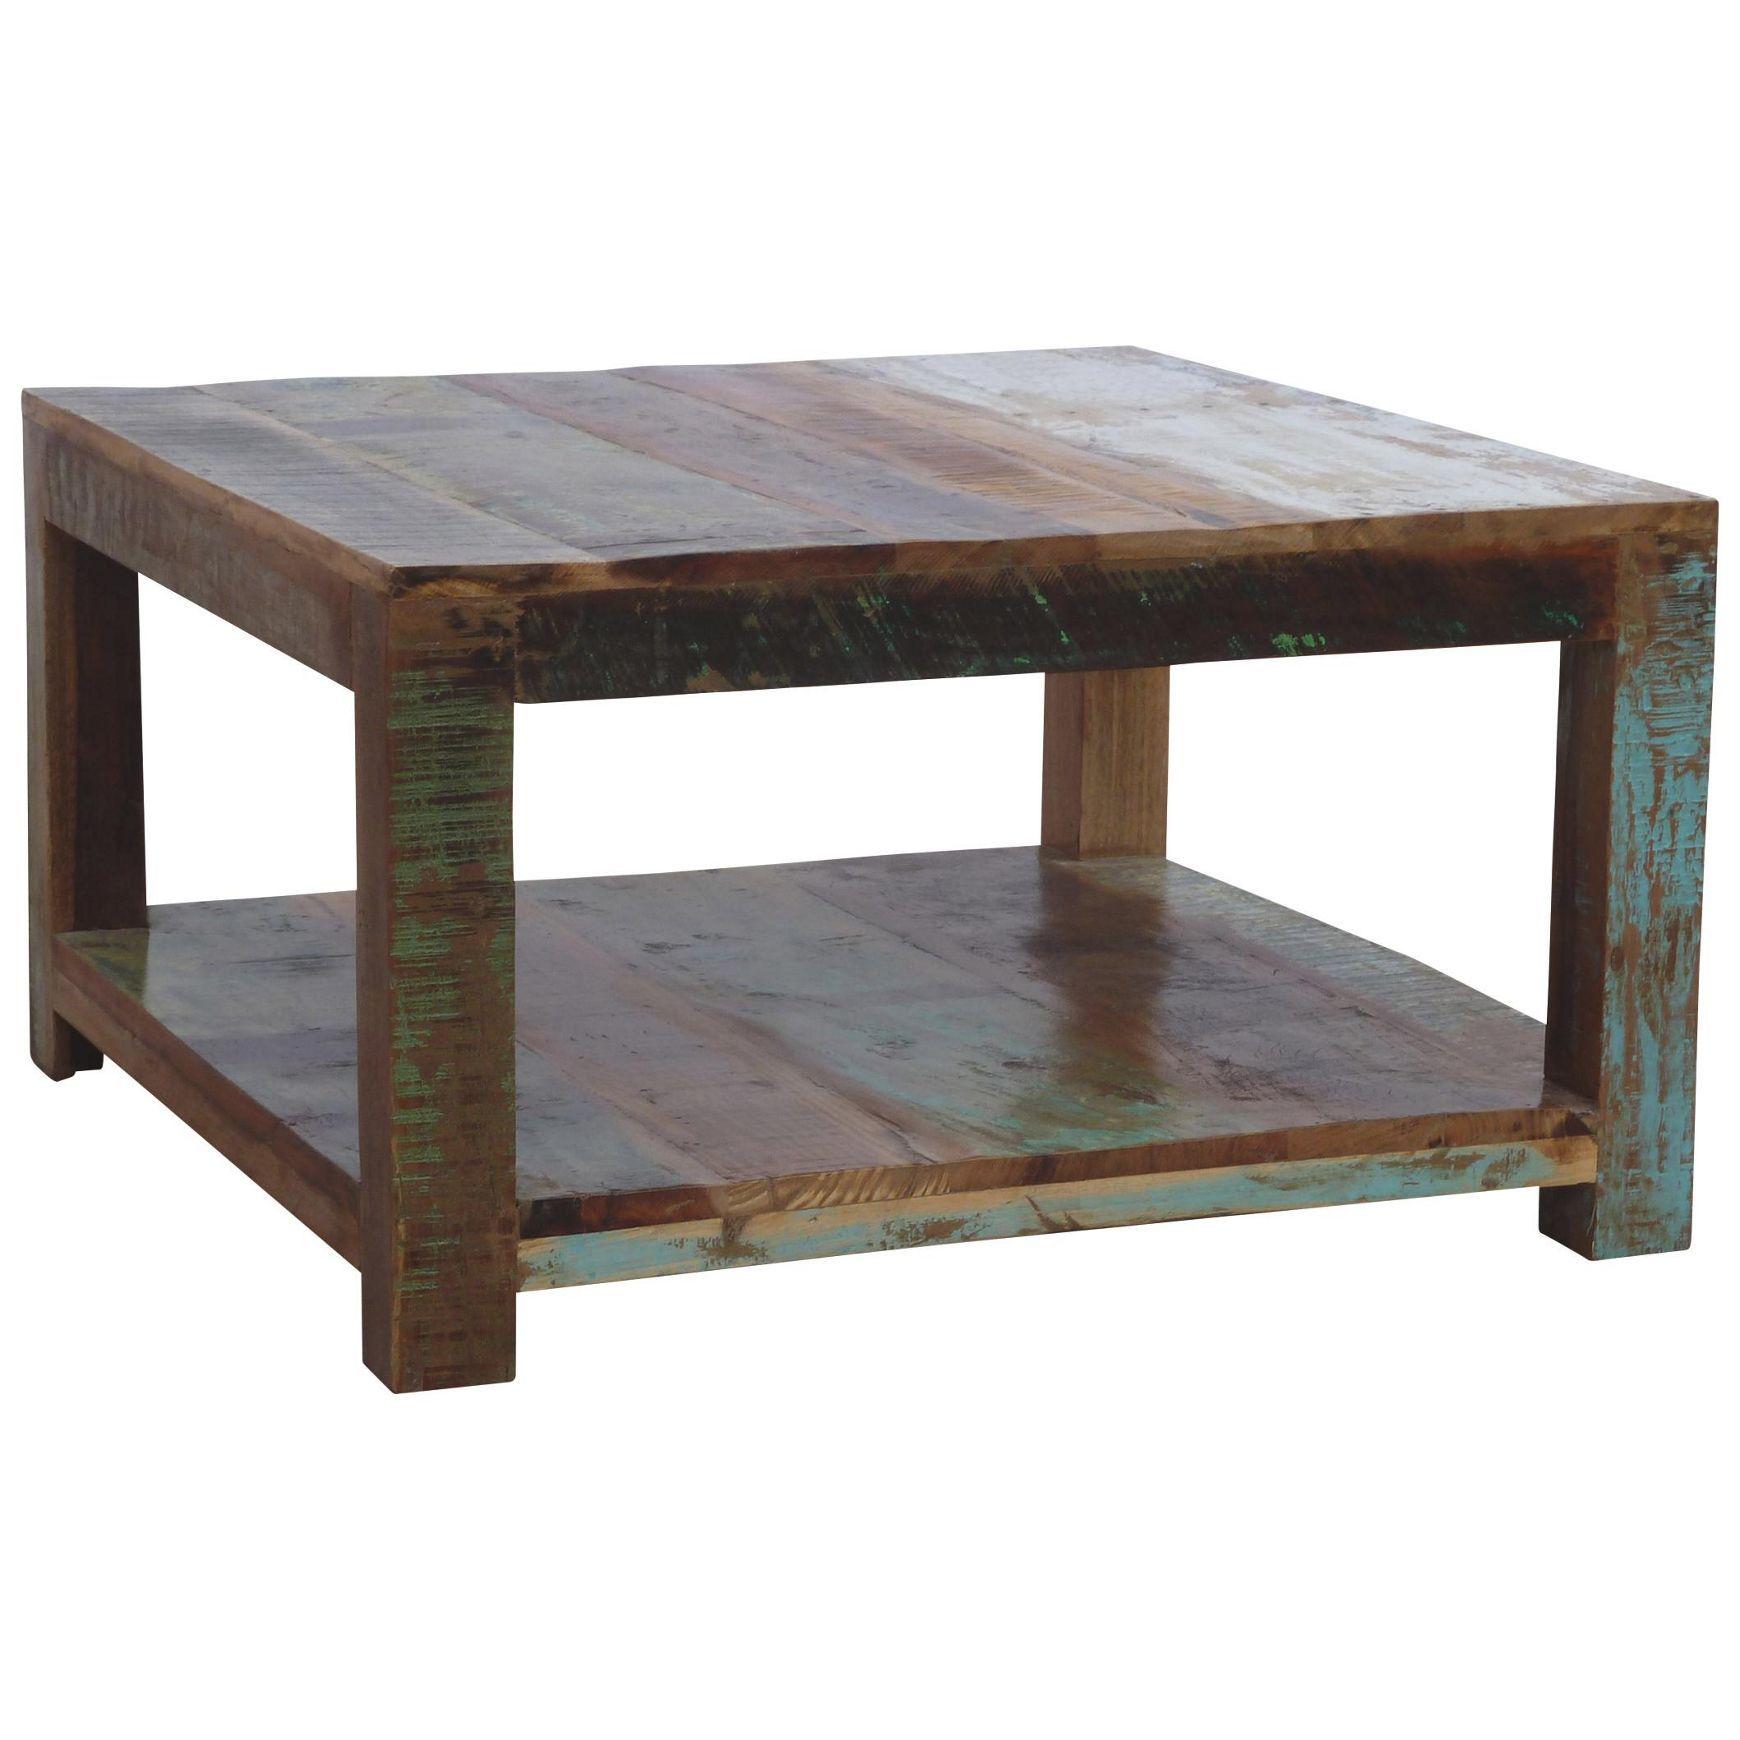 couchtisch julia von carryhome das unikat f r ihr wohnzimmer der couchtisch julia zaubert. Black Bedroom Furniture Sets. Home Design Ideas